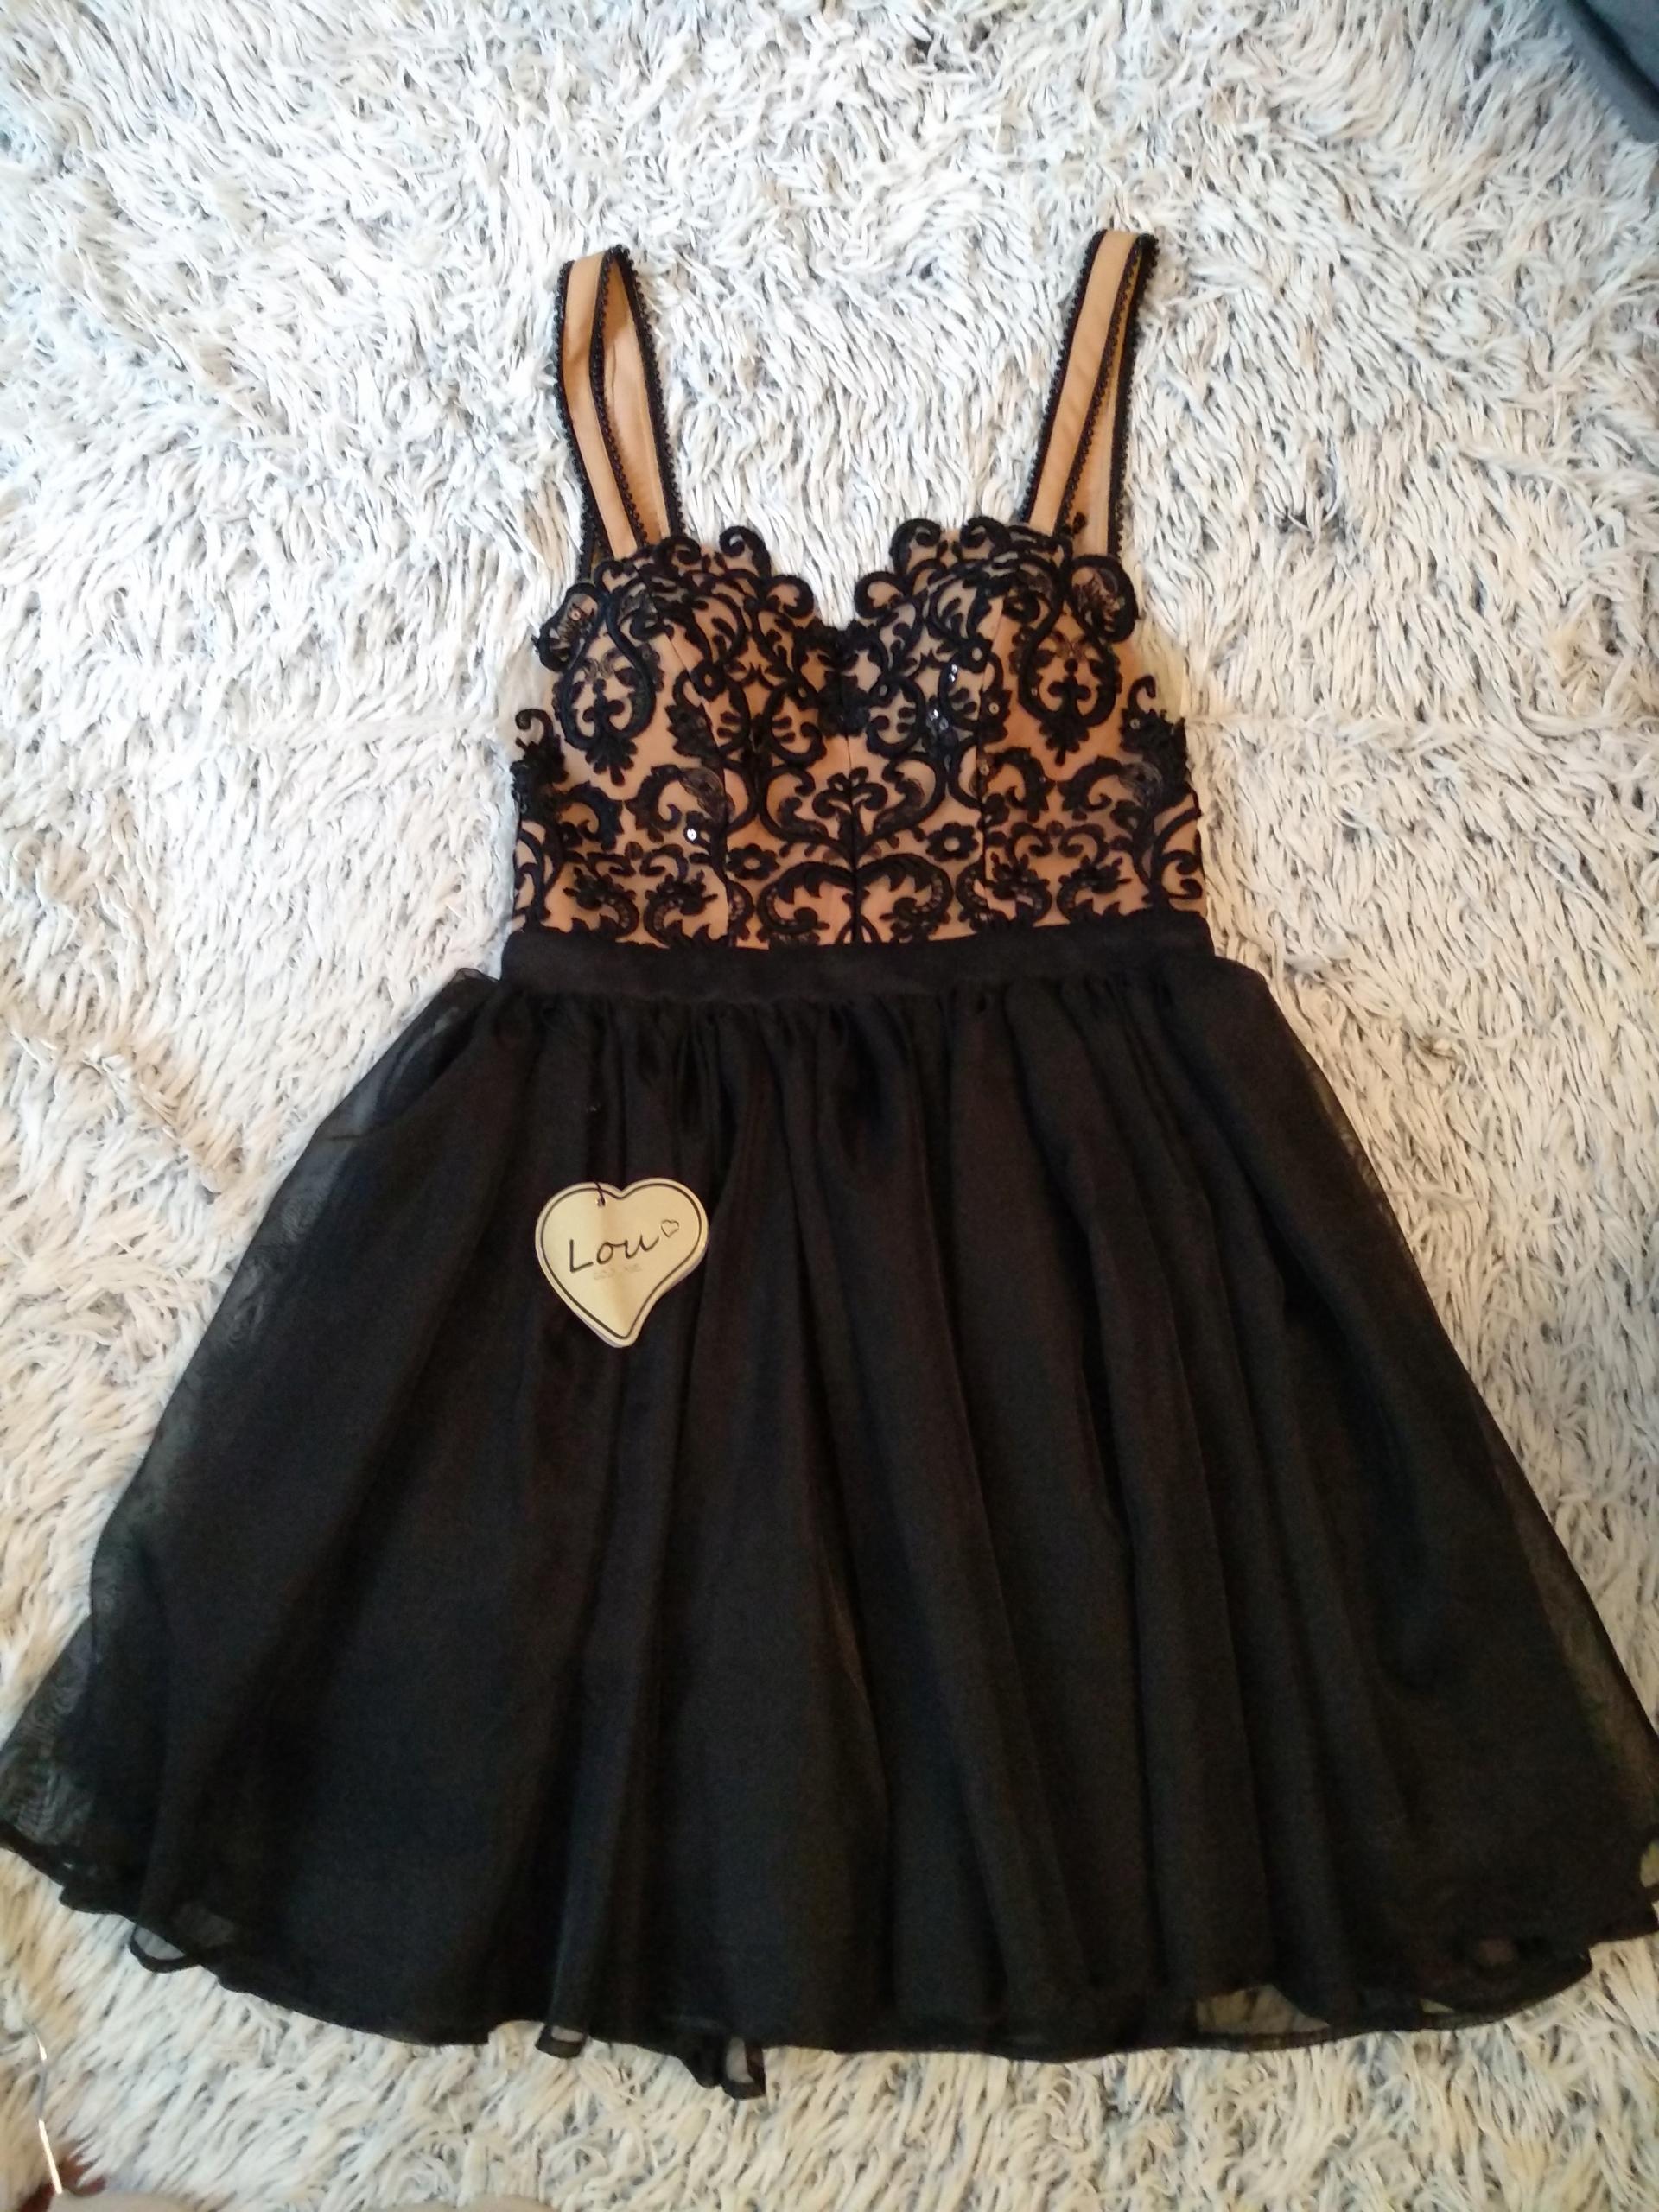 706c3cc93f sukienka lou lodz Nowy w Oficjalnym Archiwum Allegro - archiwum ofert